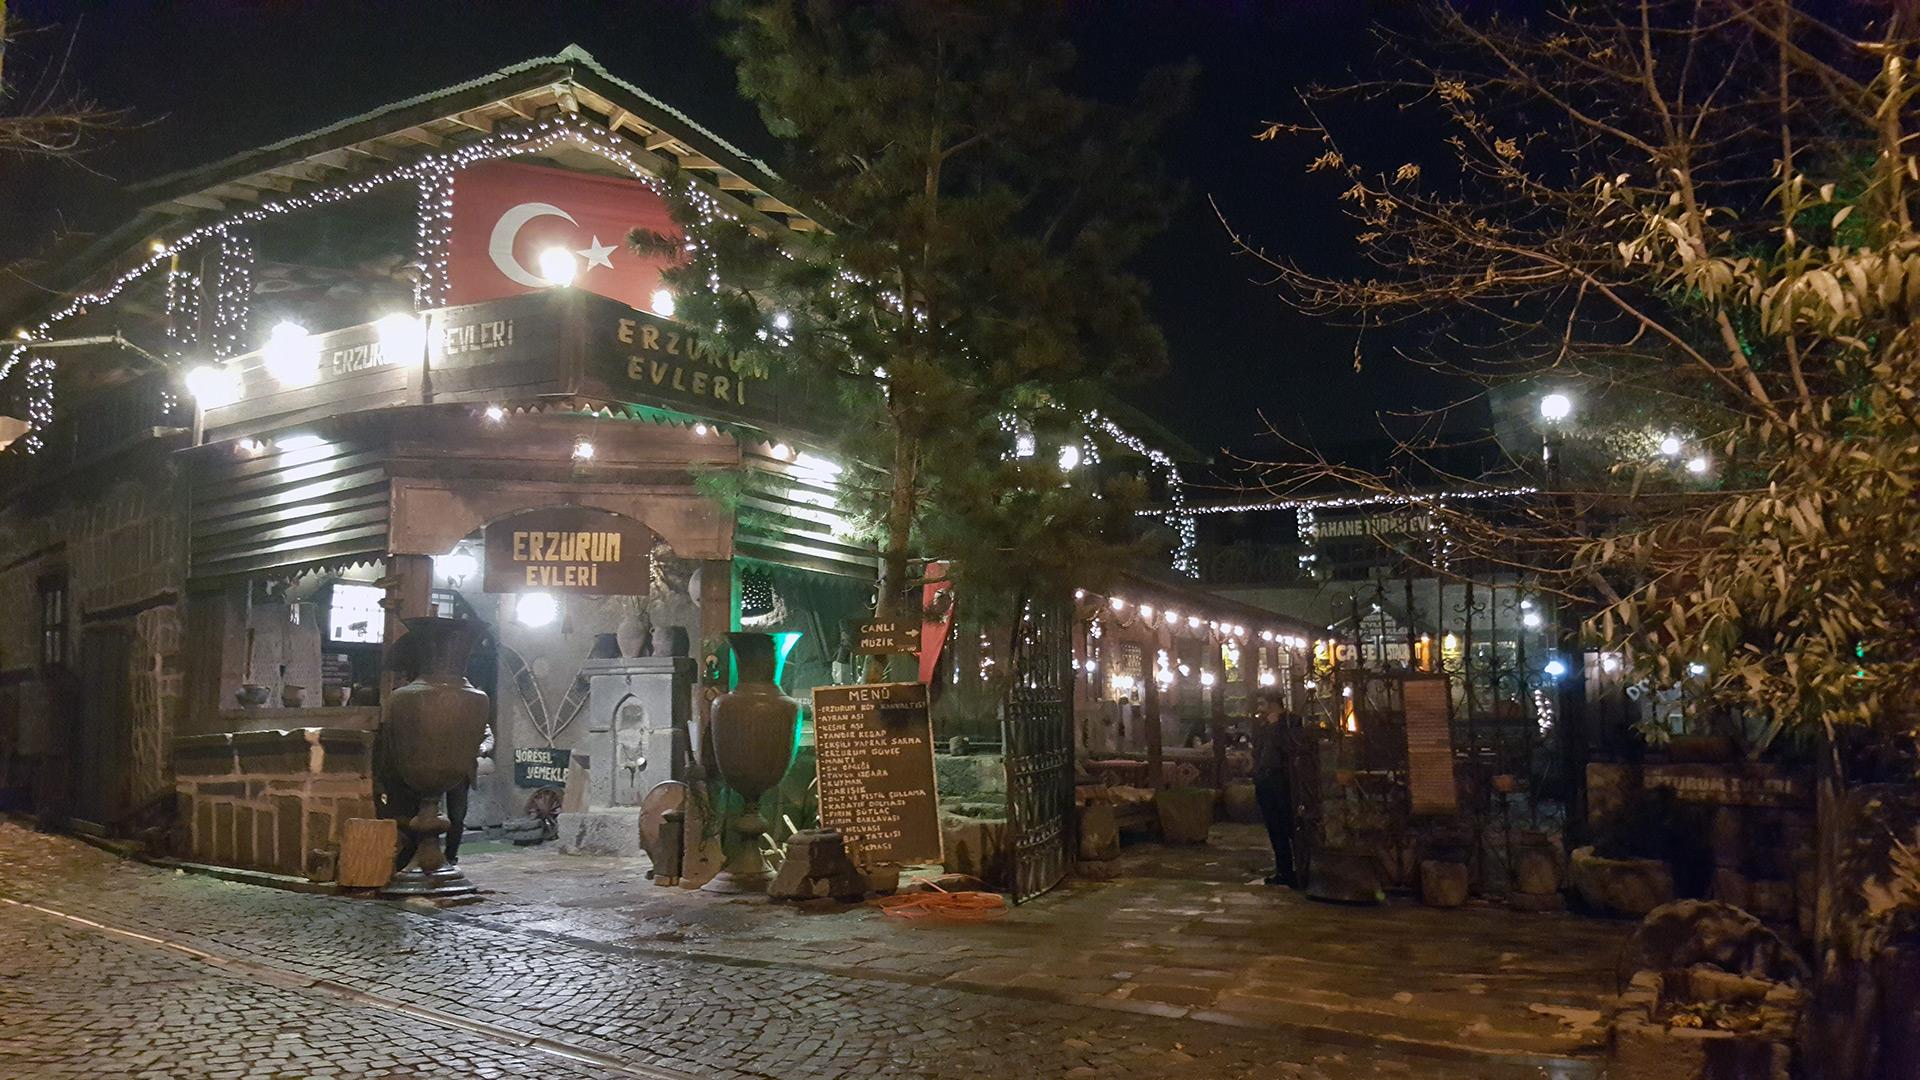 """Erzurum Evleri: этнический ресторан в Эрзуруме, """"маст визит"""""""